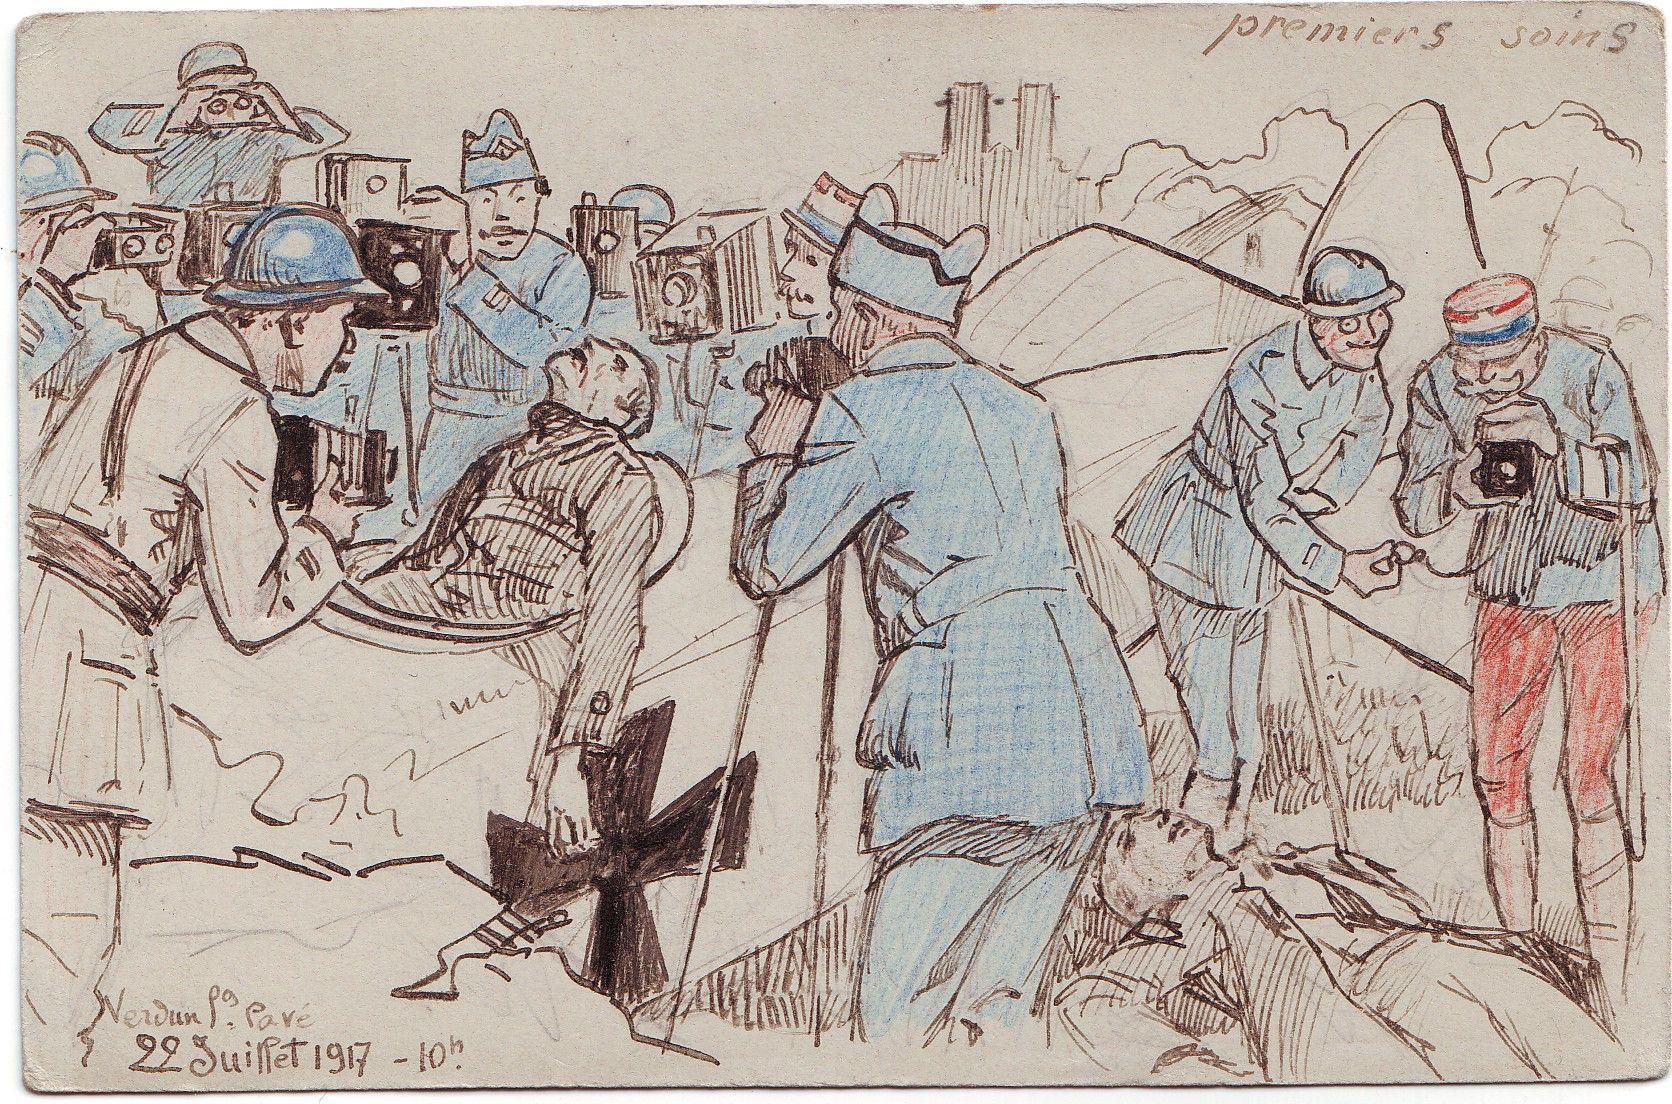 Carte Aquarellee Premiers Soins Caricature Des Photographes Militaires Par Maurice Toussaint 1917 Photographe De Guerre Armee De Terre Francaise Guerre